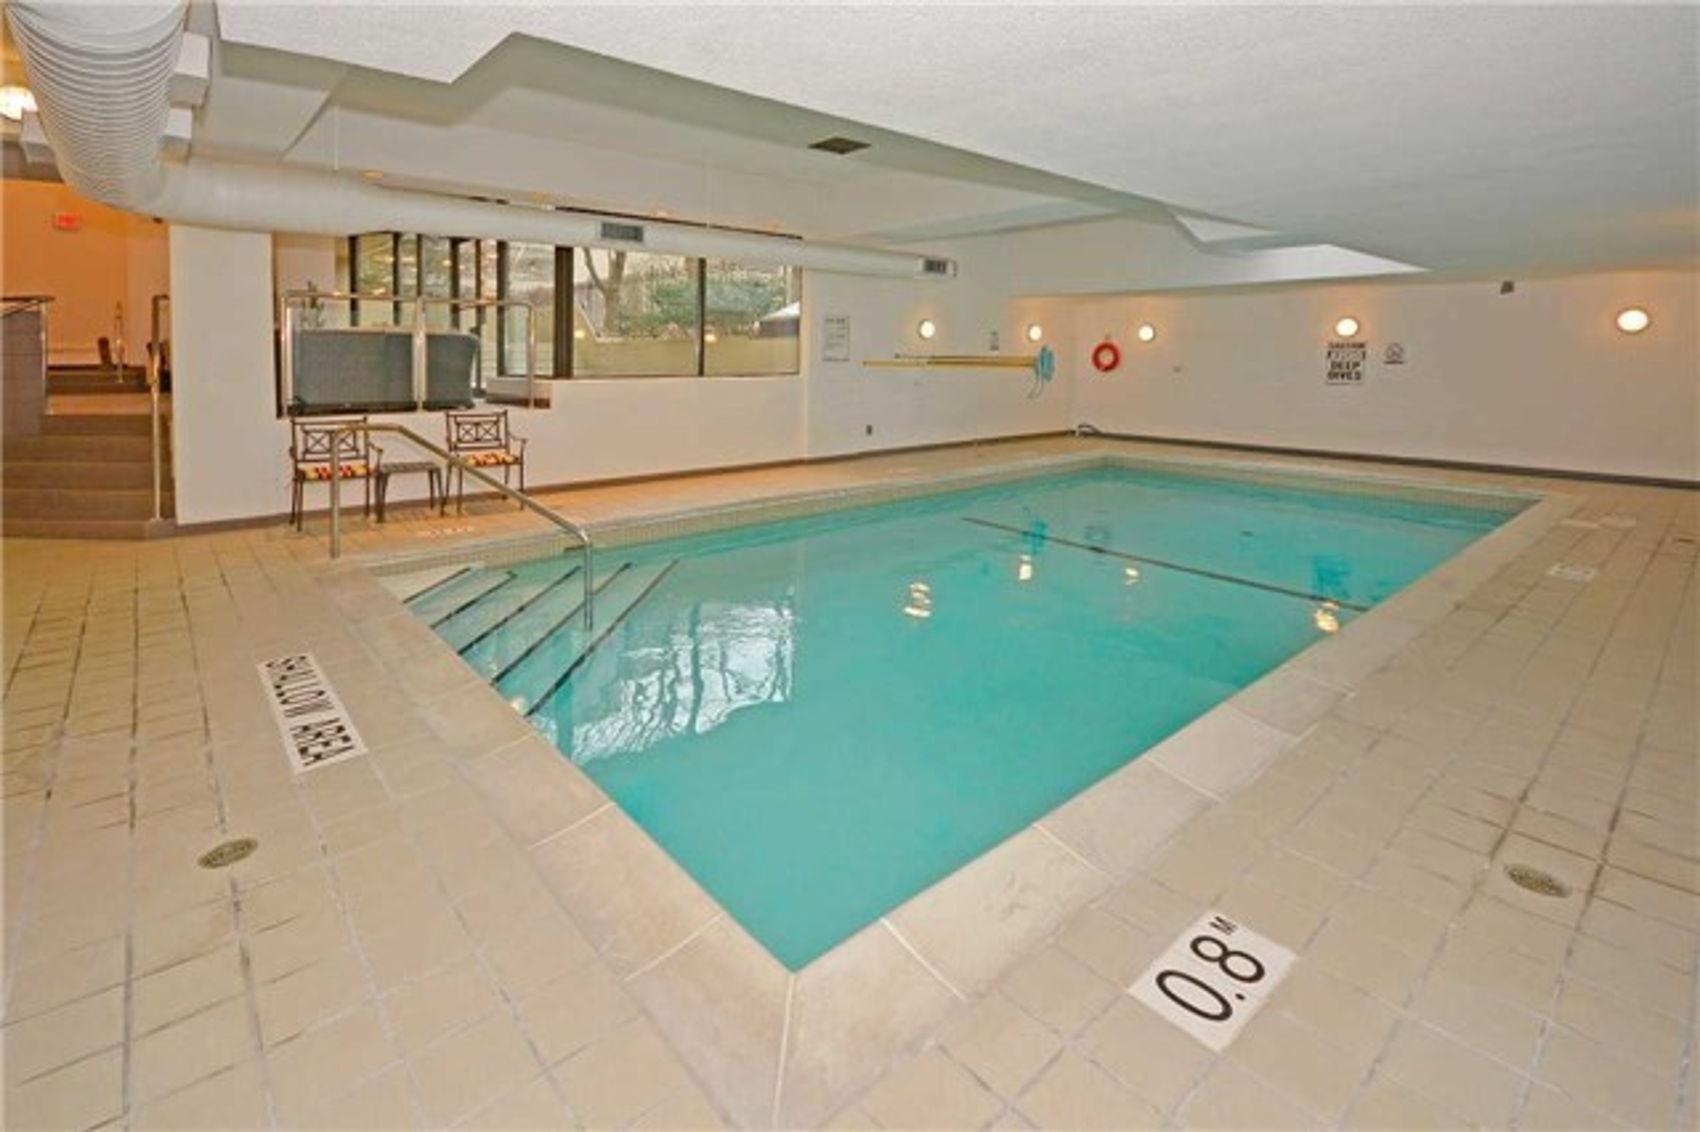 067-Pool2.jpg